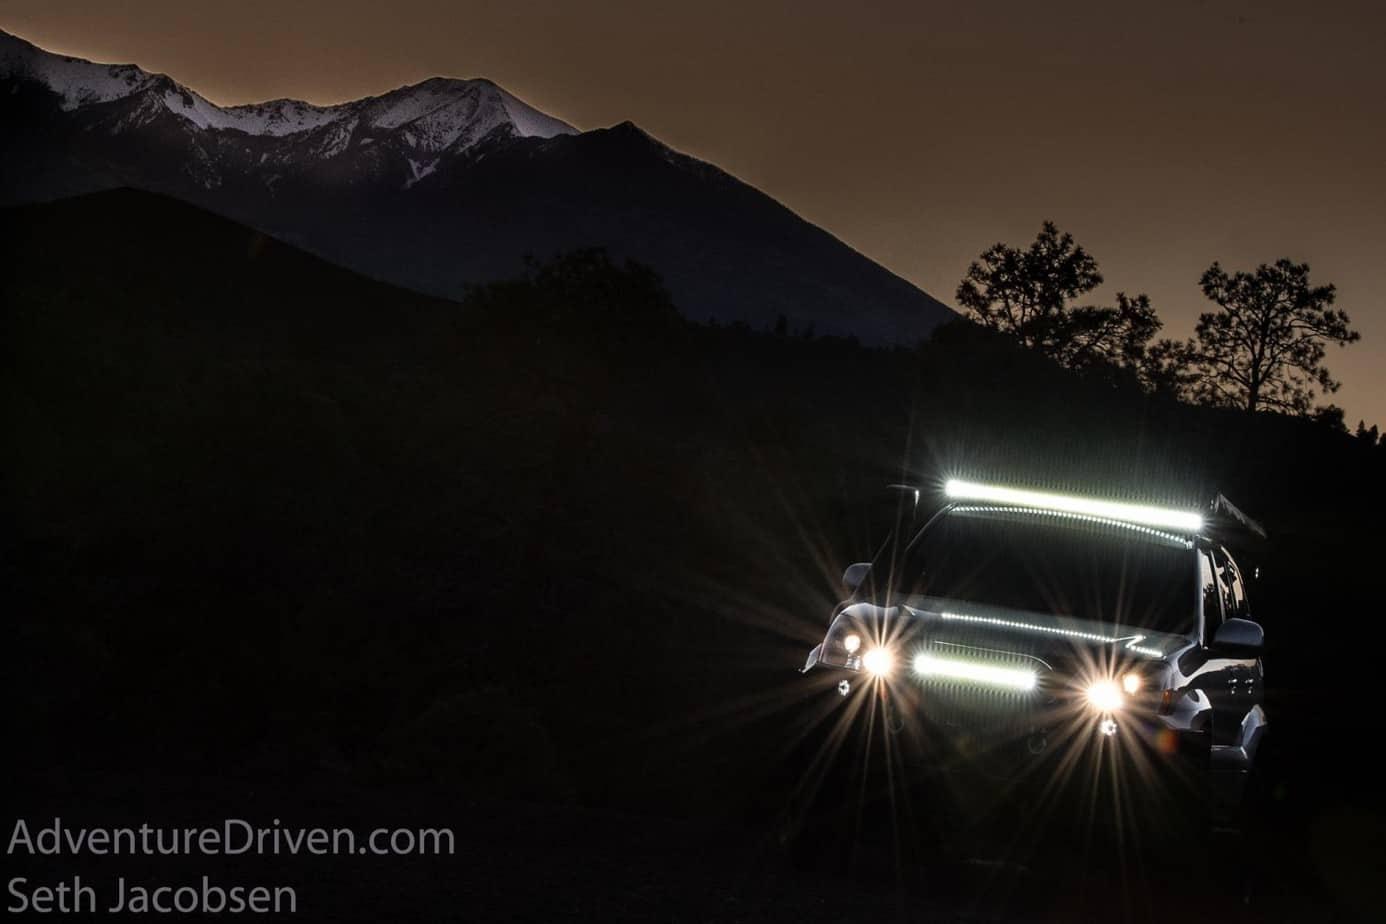 Adventure Driven 3-4 front kc hilites sunset-1-2 (Copy)